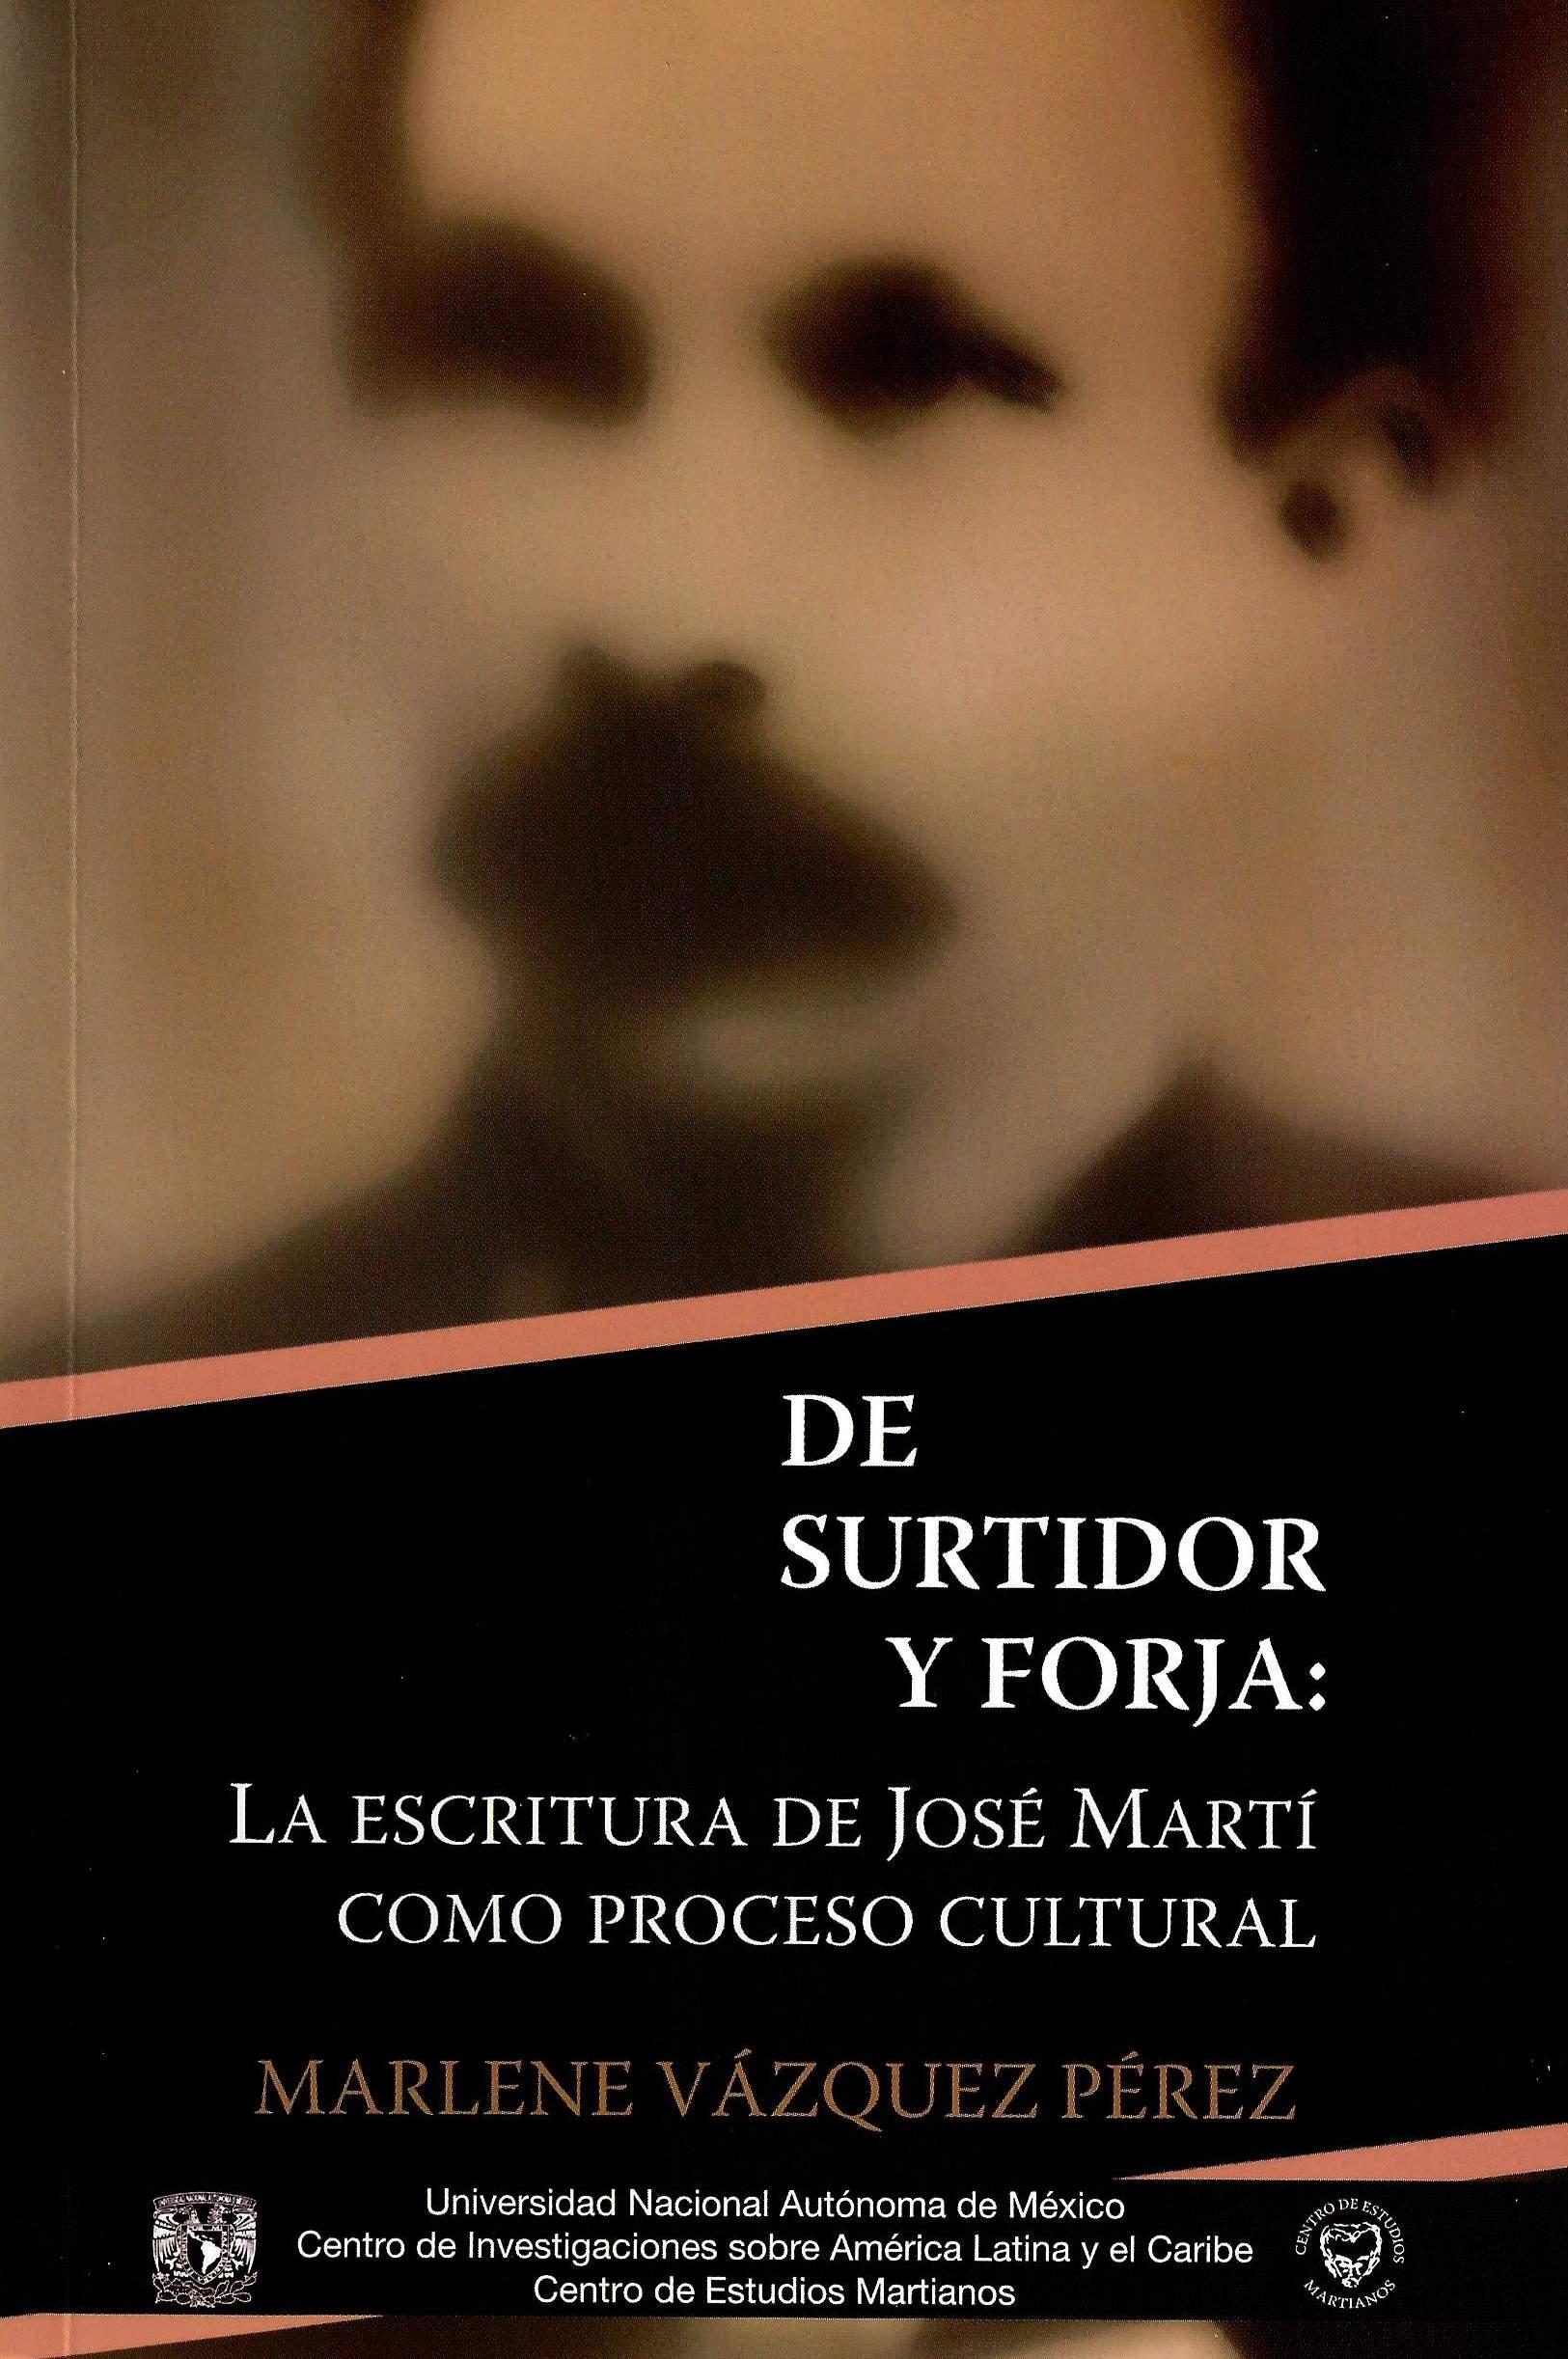 De surtidor y forja: la escritura de José Martí como proceso cultural